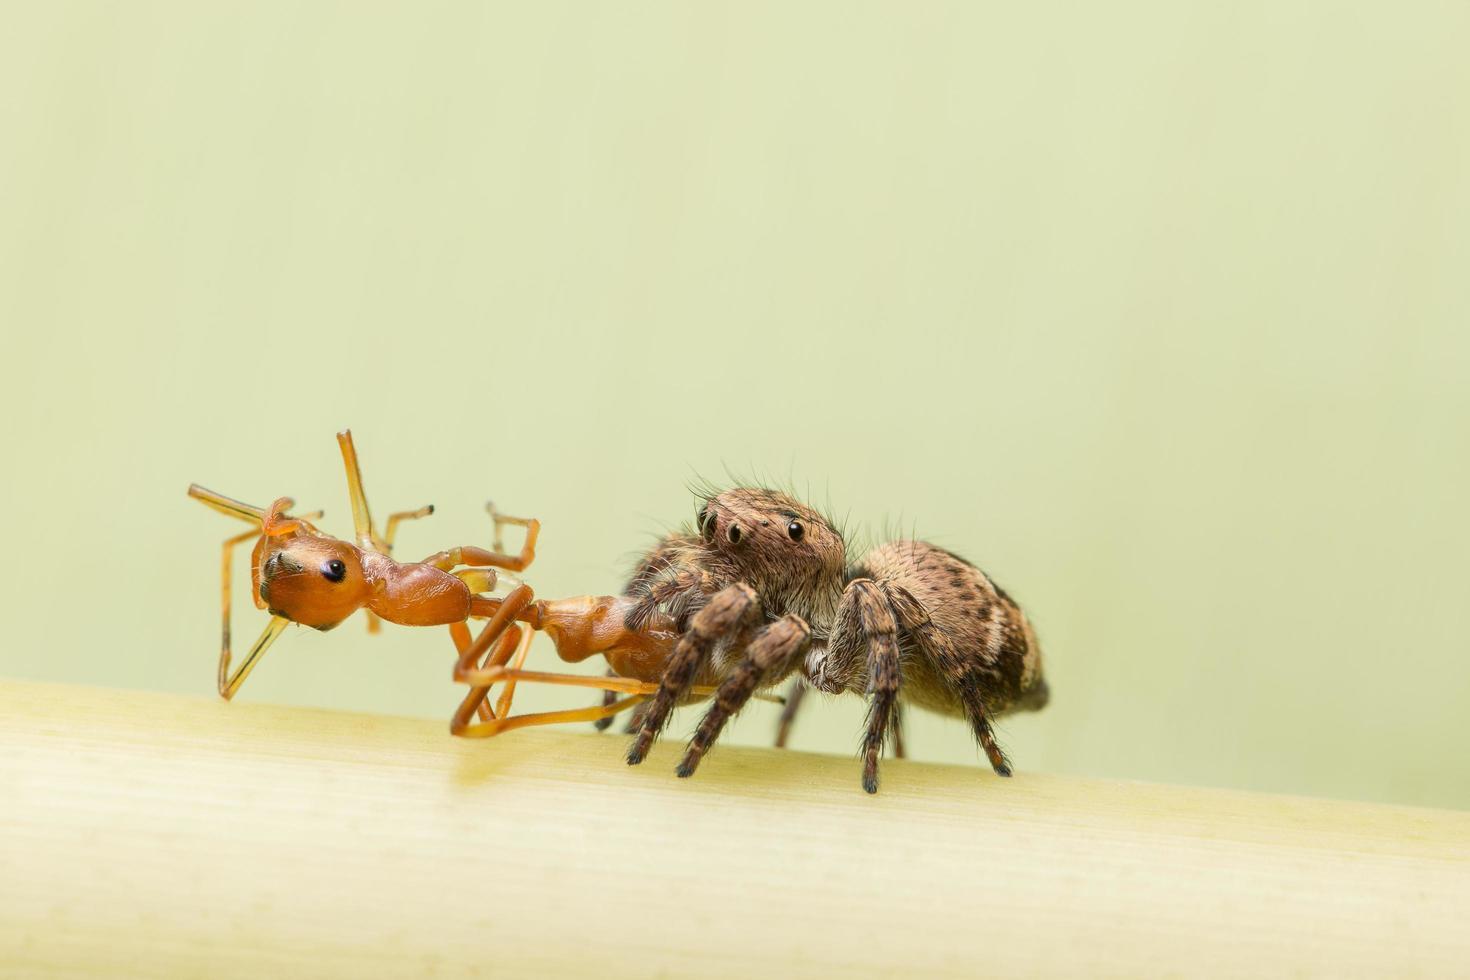 il ragno mangia la formica foto